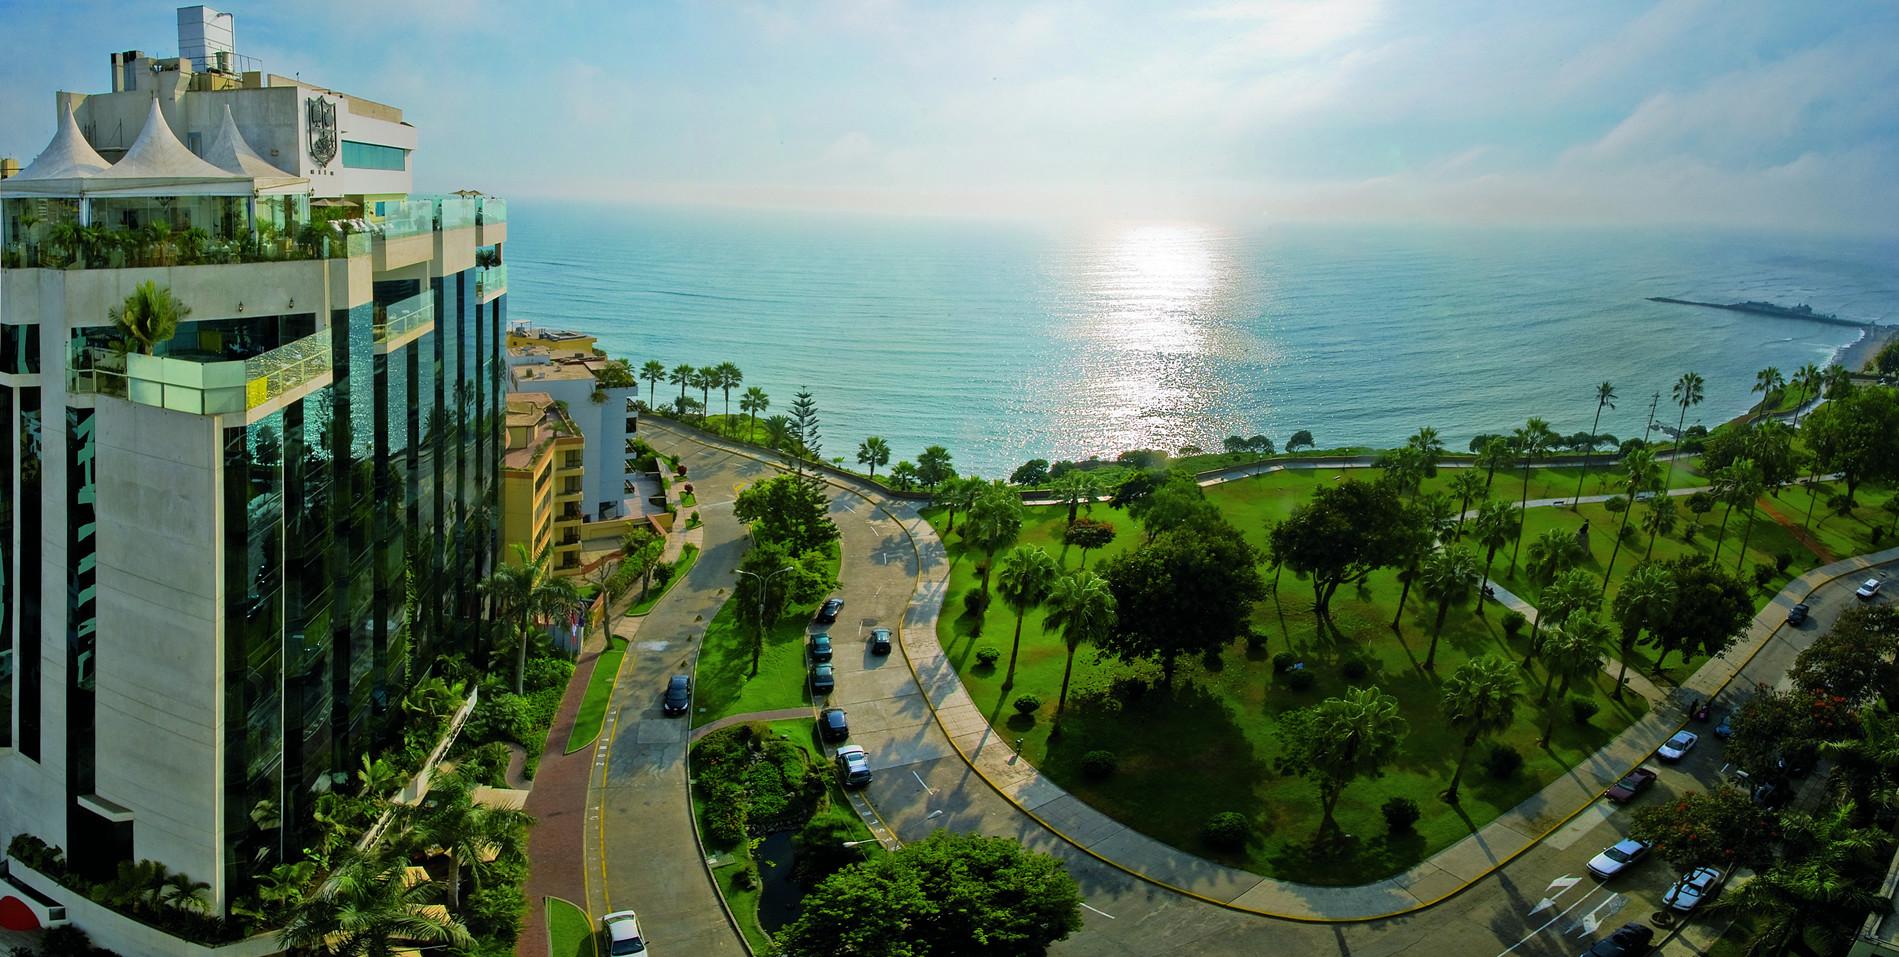 Belmond Miraflores Park Hotel - Lima, Peru